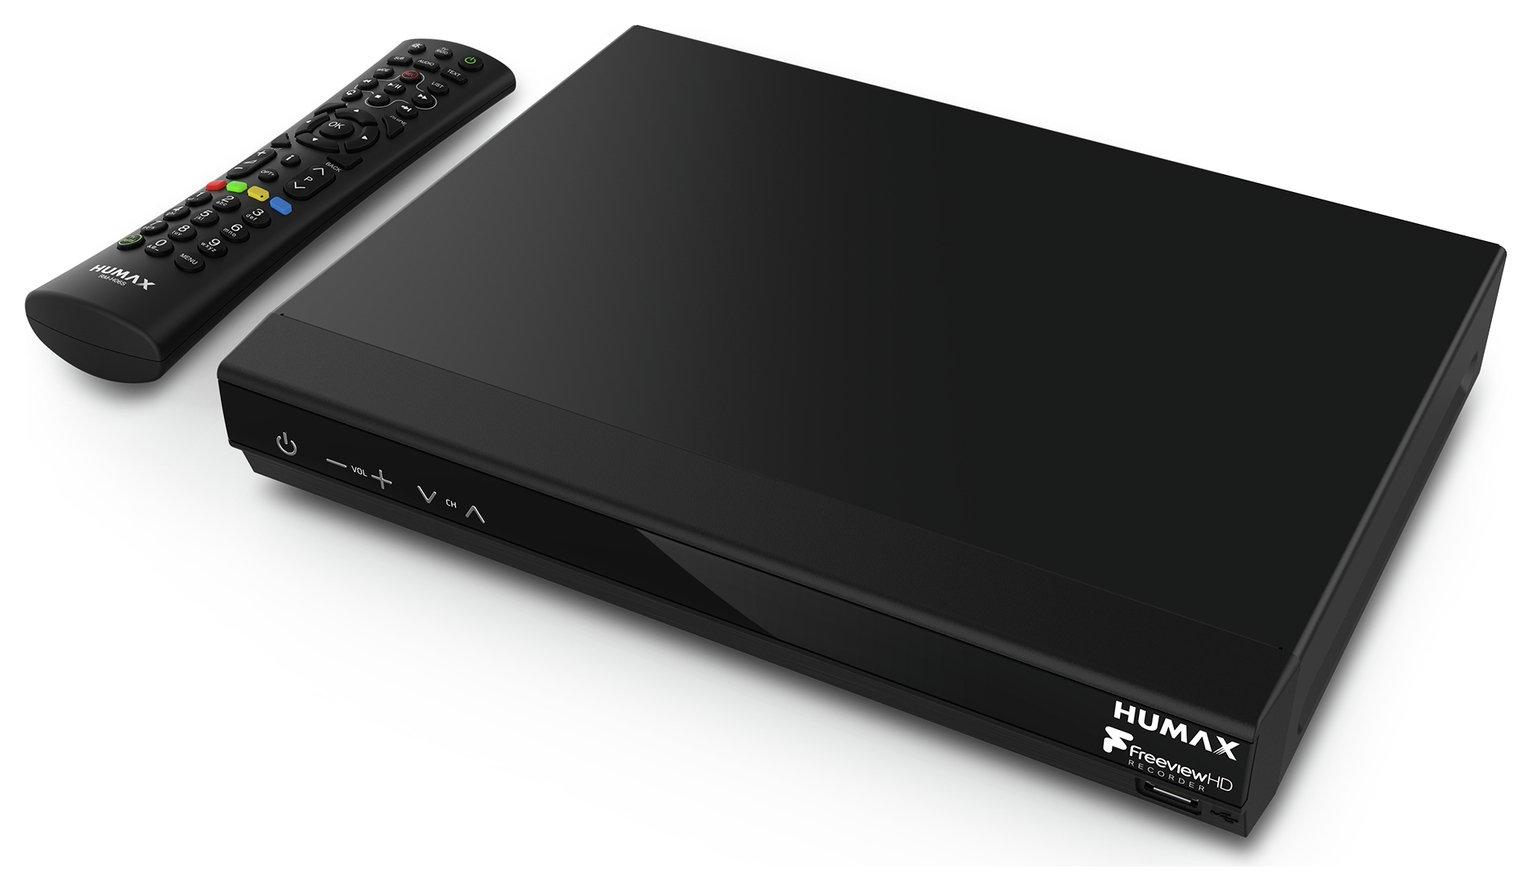 Humax HDR-1800T 320GB Freeview+ HD Smart Digital TV Recorder - Black